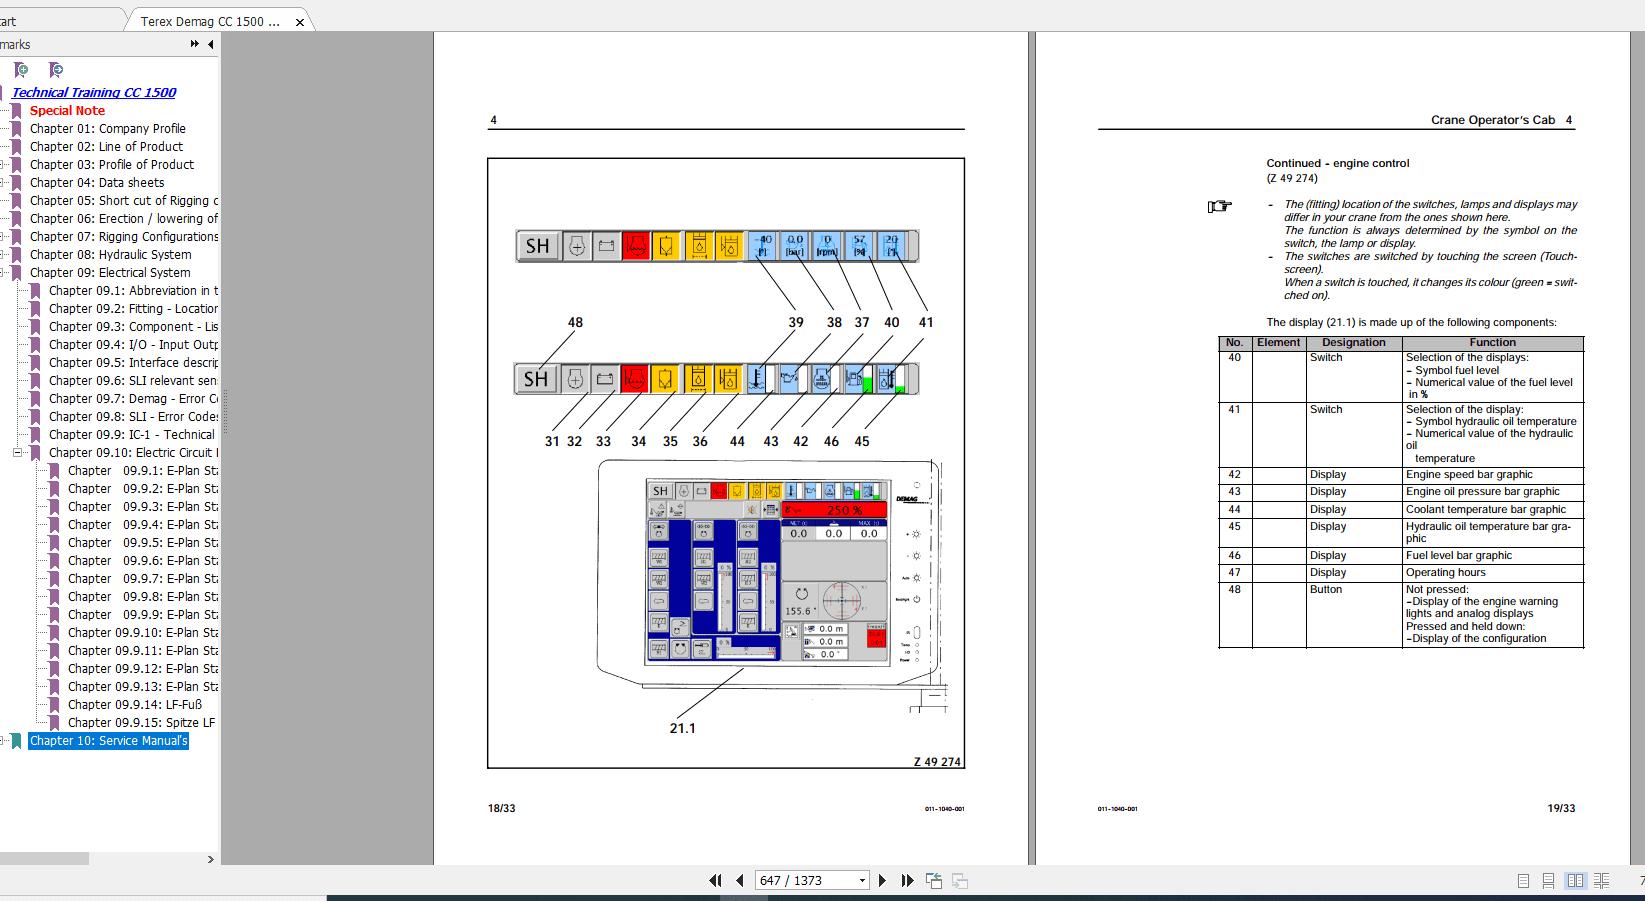 Terex_Demag_CC_1500_Crawler_Crane_Technical_Service_ManualVer10_4